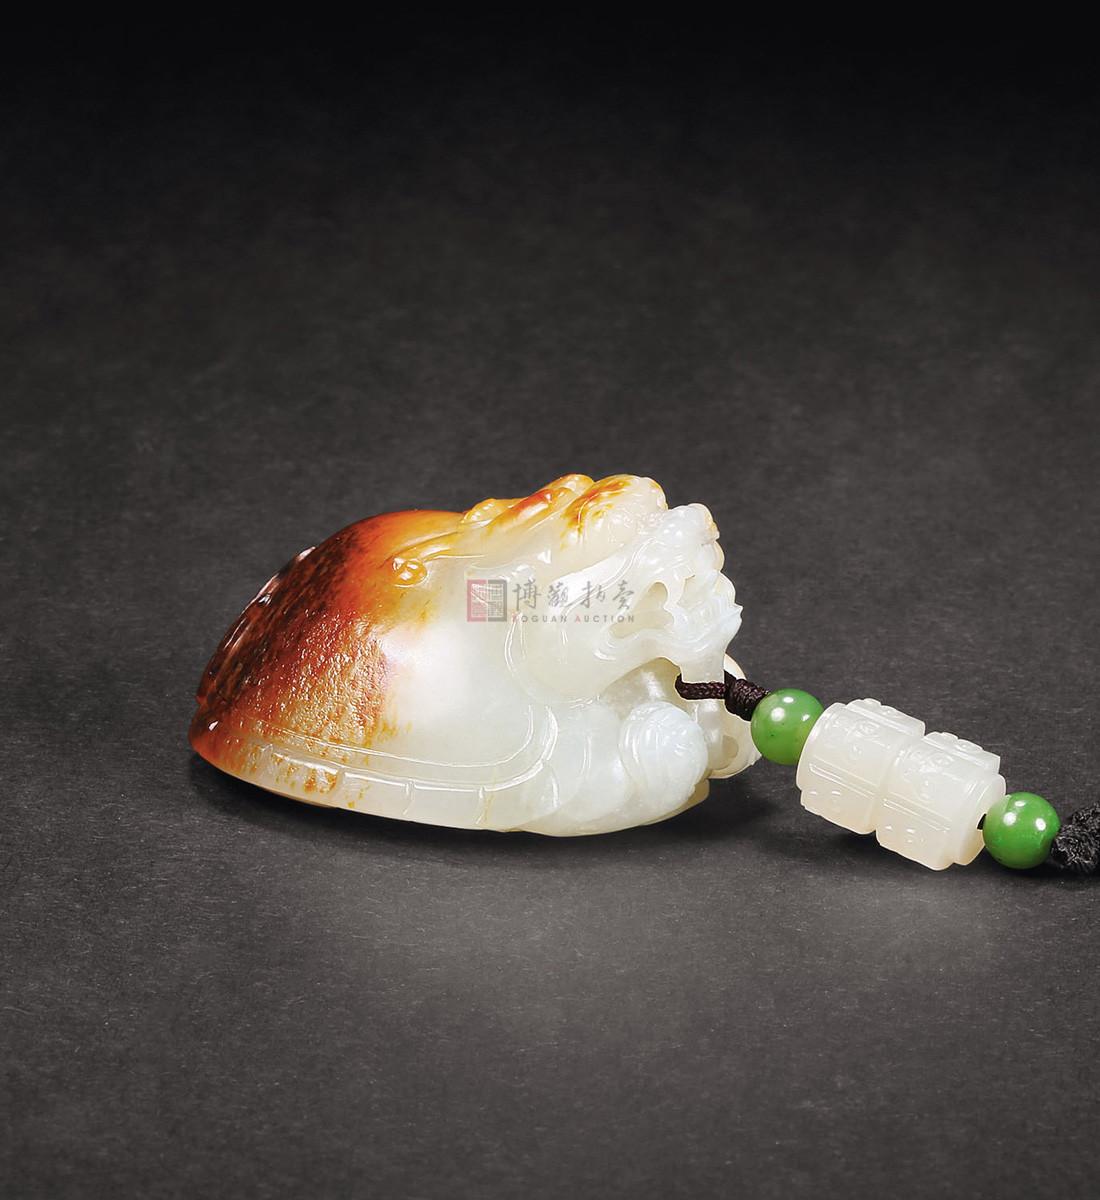 这件作品的设计较为巧妙,利用沁入玉料之中的黄褐色,整体设计为一只龙龟,点点褐色犹若龟壳之斑点,具厚重老气之感。范佰成,海派玉雕名家,江苏省徐州市人,2003年在上海创办石道居个人玉雕工作室,擅长动物、花鸟、人物及仿古件玉雕的设计与雕刻。